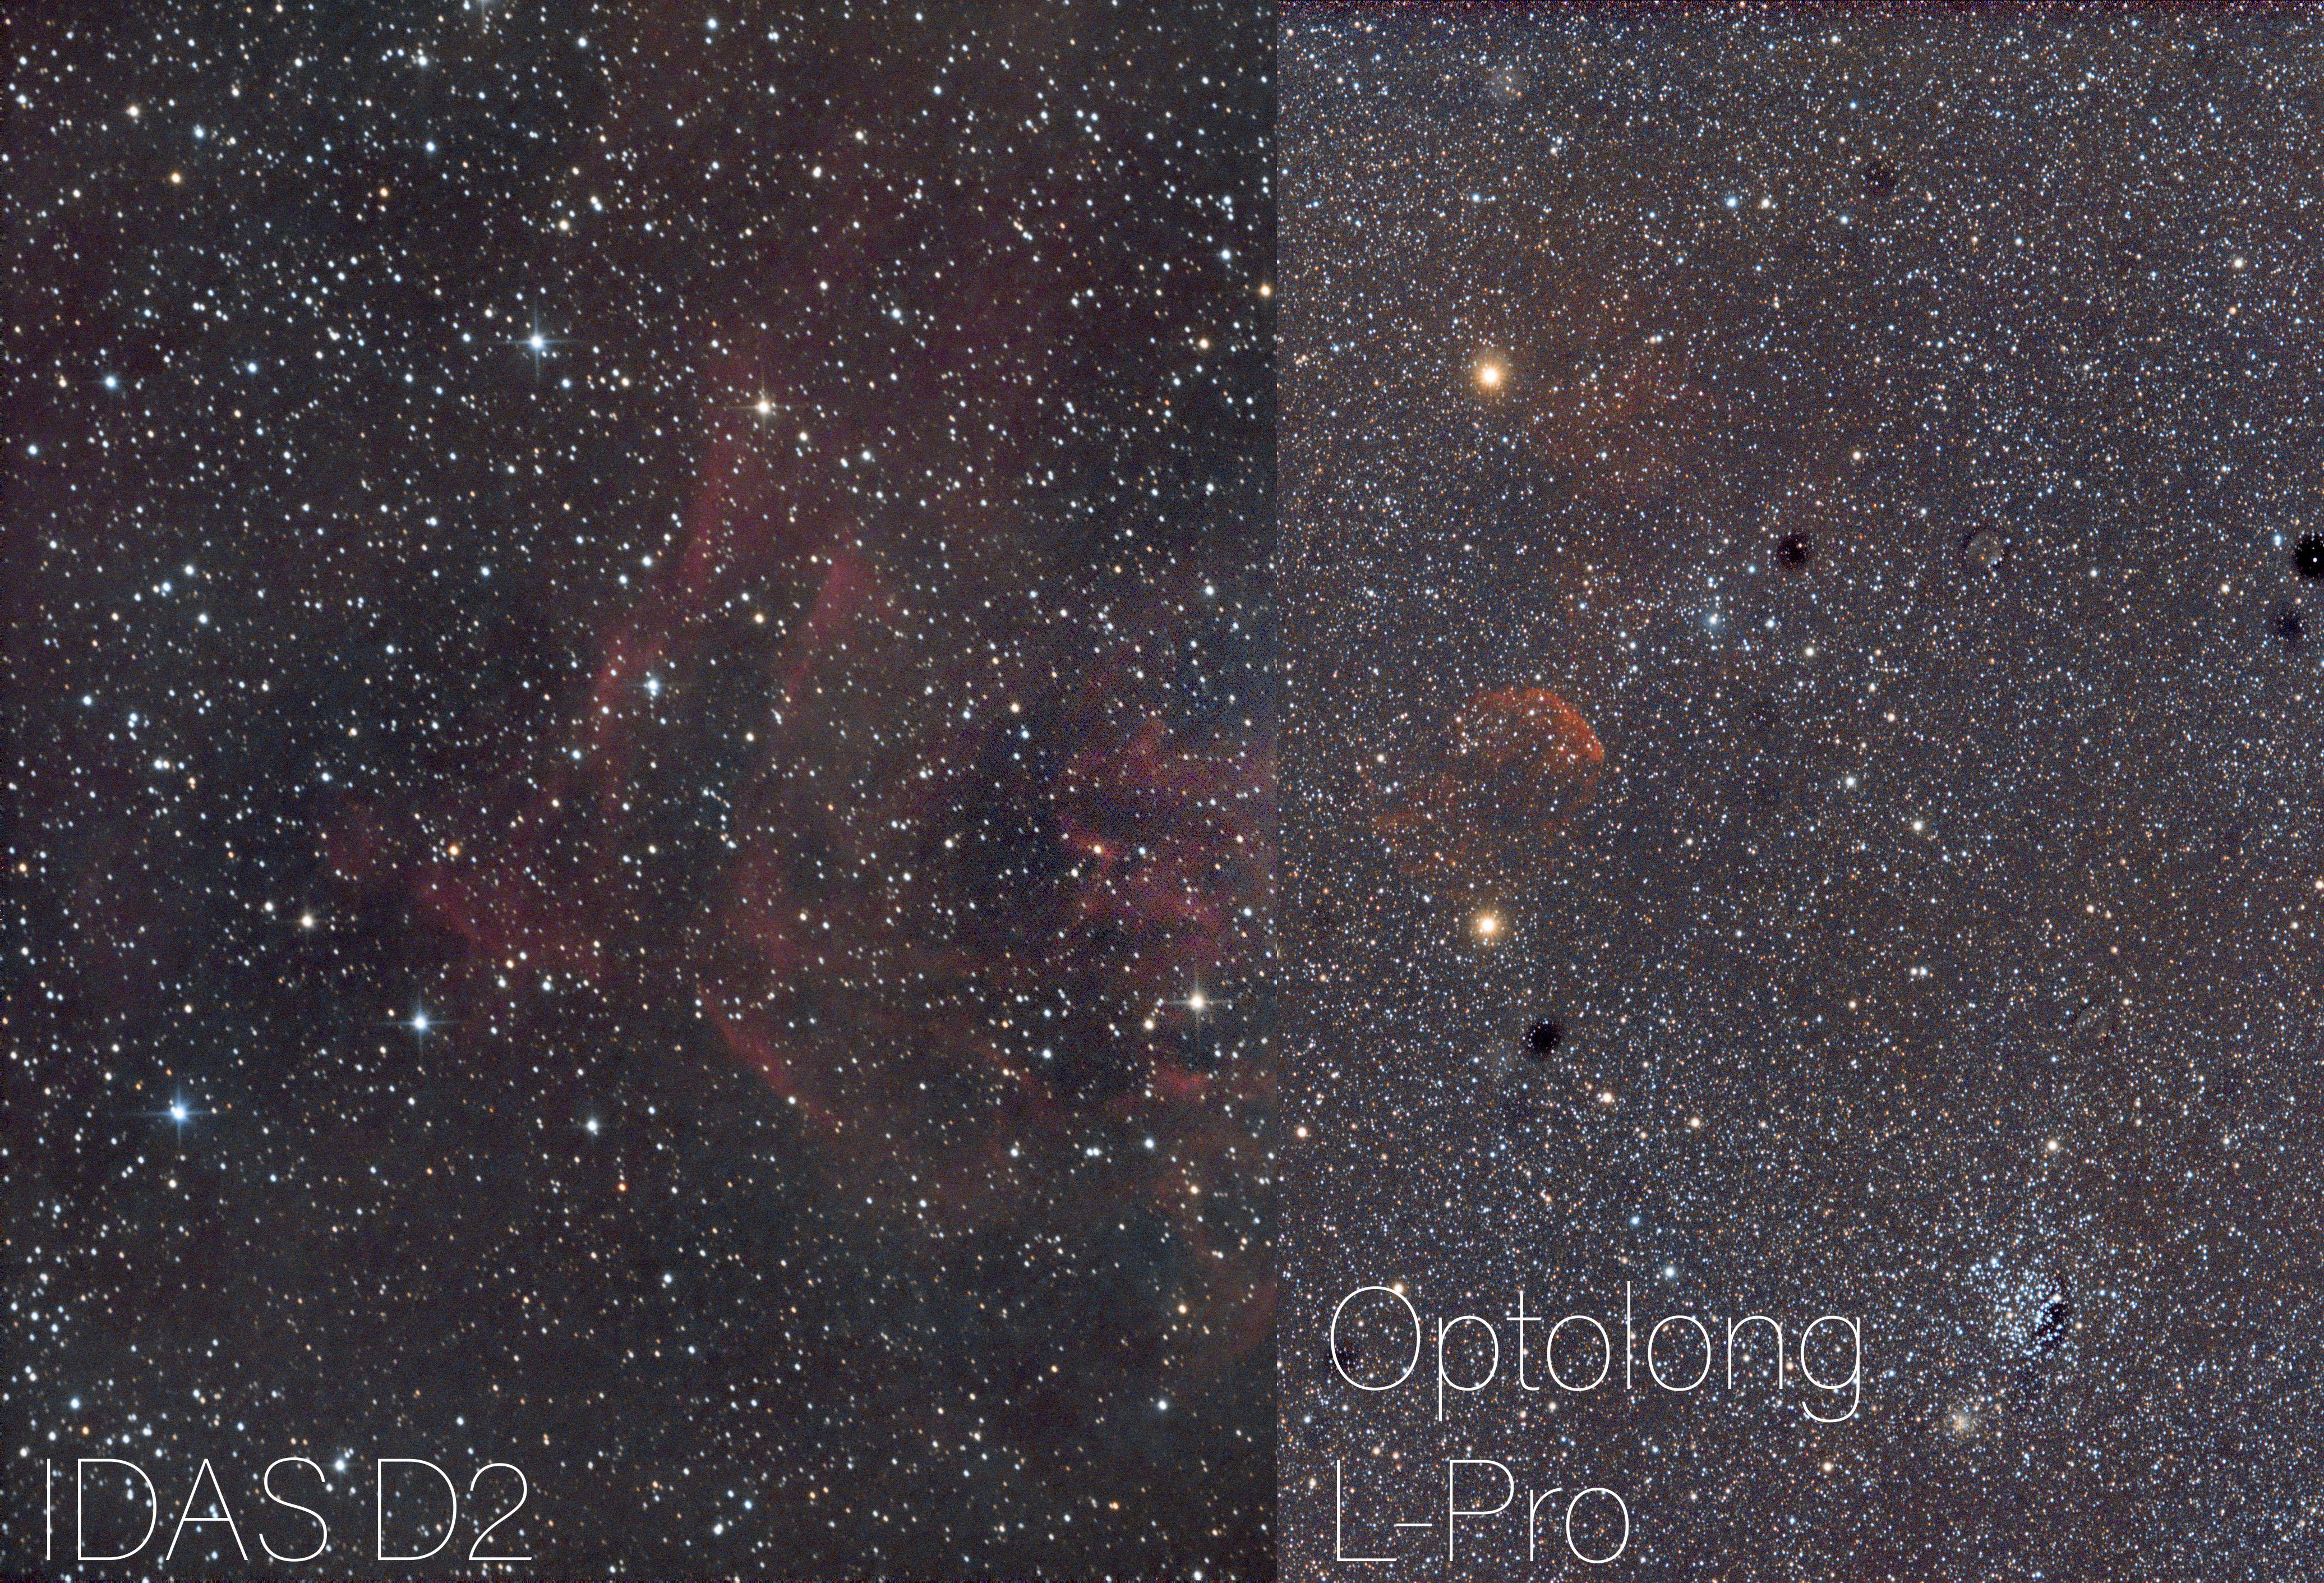 Usporedba IDAS D2 i Optolong L-Pro